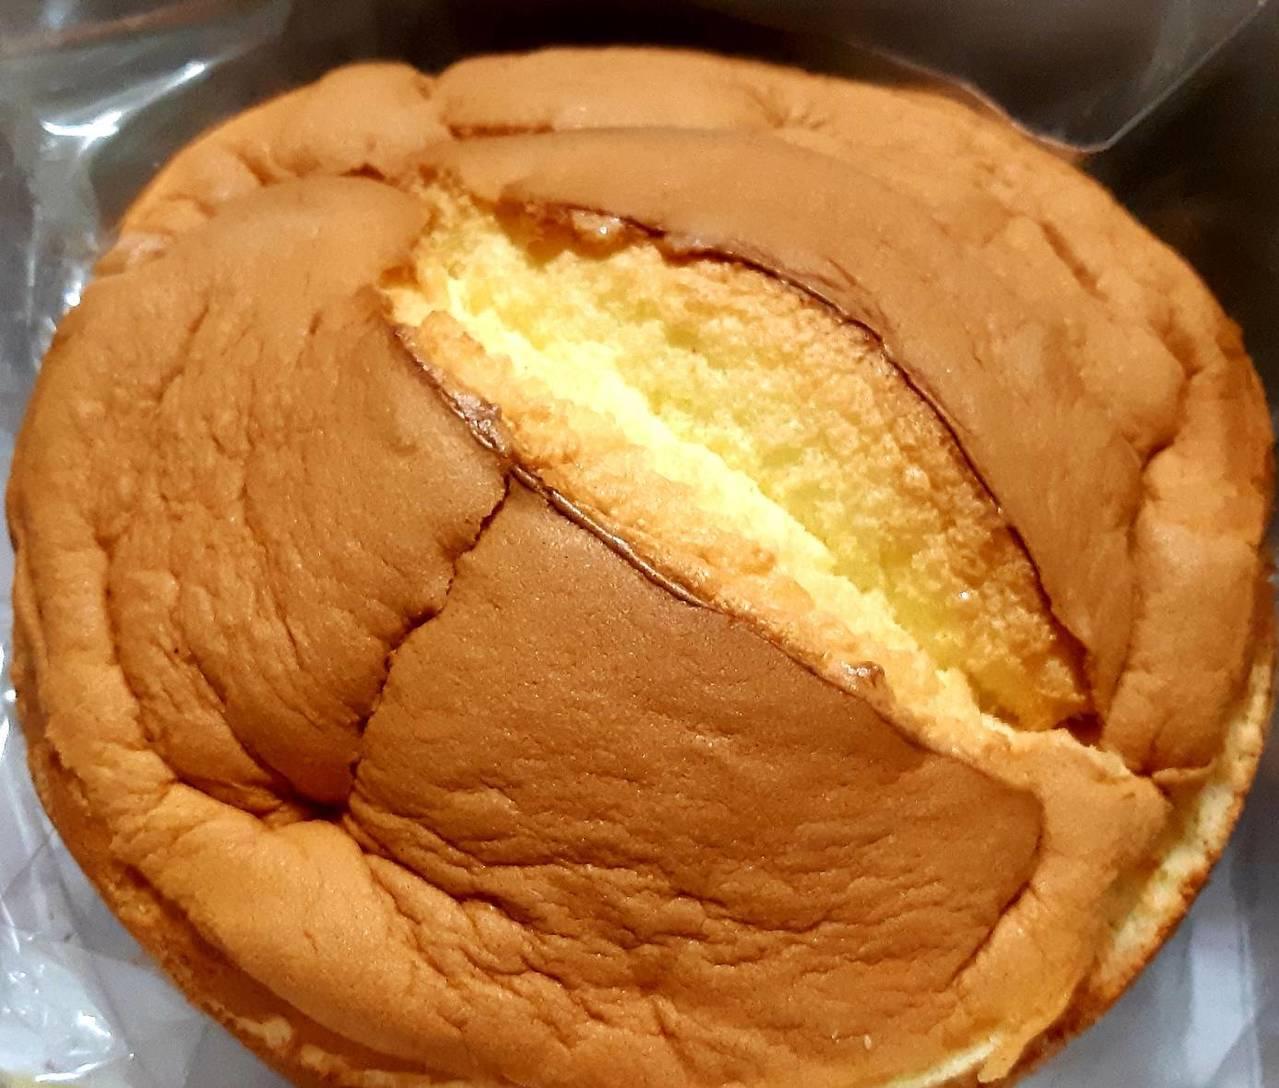 新竹春上古早味布丁蛋糕。圖/柯意如攝影